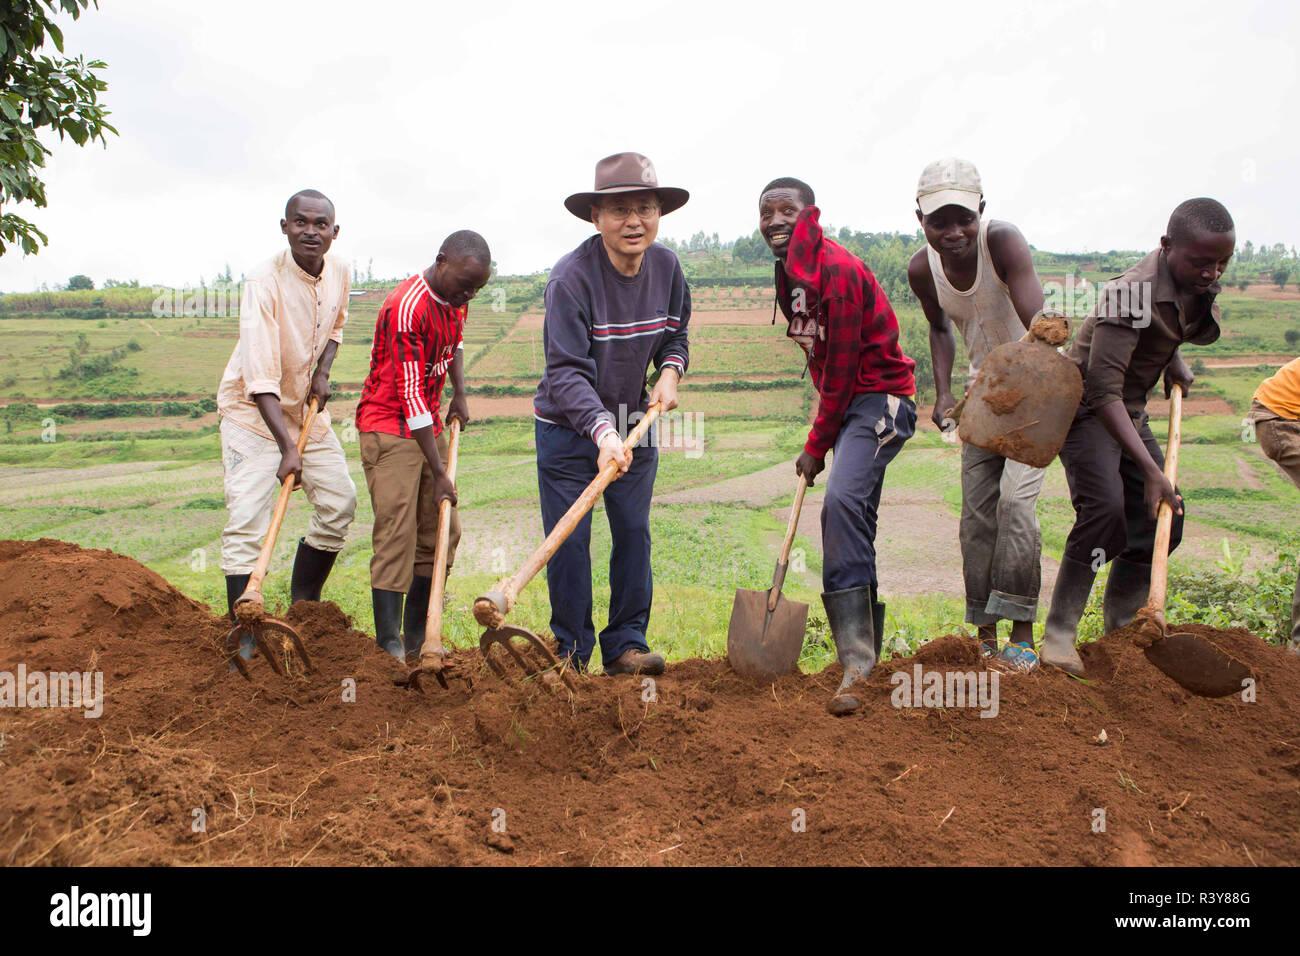 """(181124) -- KAMONYI (Ruanda), November 24, 2018 (Xinhua) - der chinesische Botschafter in Ruanda Rao Hongwei (3. L) beteiligt sich an der monatlichen Gemeinschaft arbeiten, Umuganda, in Kamonyi Viertel, Central Ruanda, an November 24, 2018. Diplomatische Vertretungen in Ruanda und ruandischen Ministerium für Auswärtige Angelegenheiten und Internationale Zusammenarbeit am Samstag organisiert eine diplomatische Umuganda in Kamonyi. Die Wurzel von ruandischen Kultur der Selbsthilfe und Zusammenarbeit, Umuganda, am letzten Samstag im Monat statt, können als 'übersetzt in gemeinsamen Zweck zusammen kommen, um ein Ergebnis zu erzielen,"""" nach Ruanda Governance Board. (Xi. Stockfoto"""